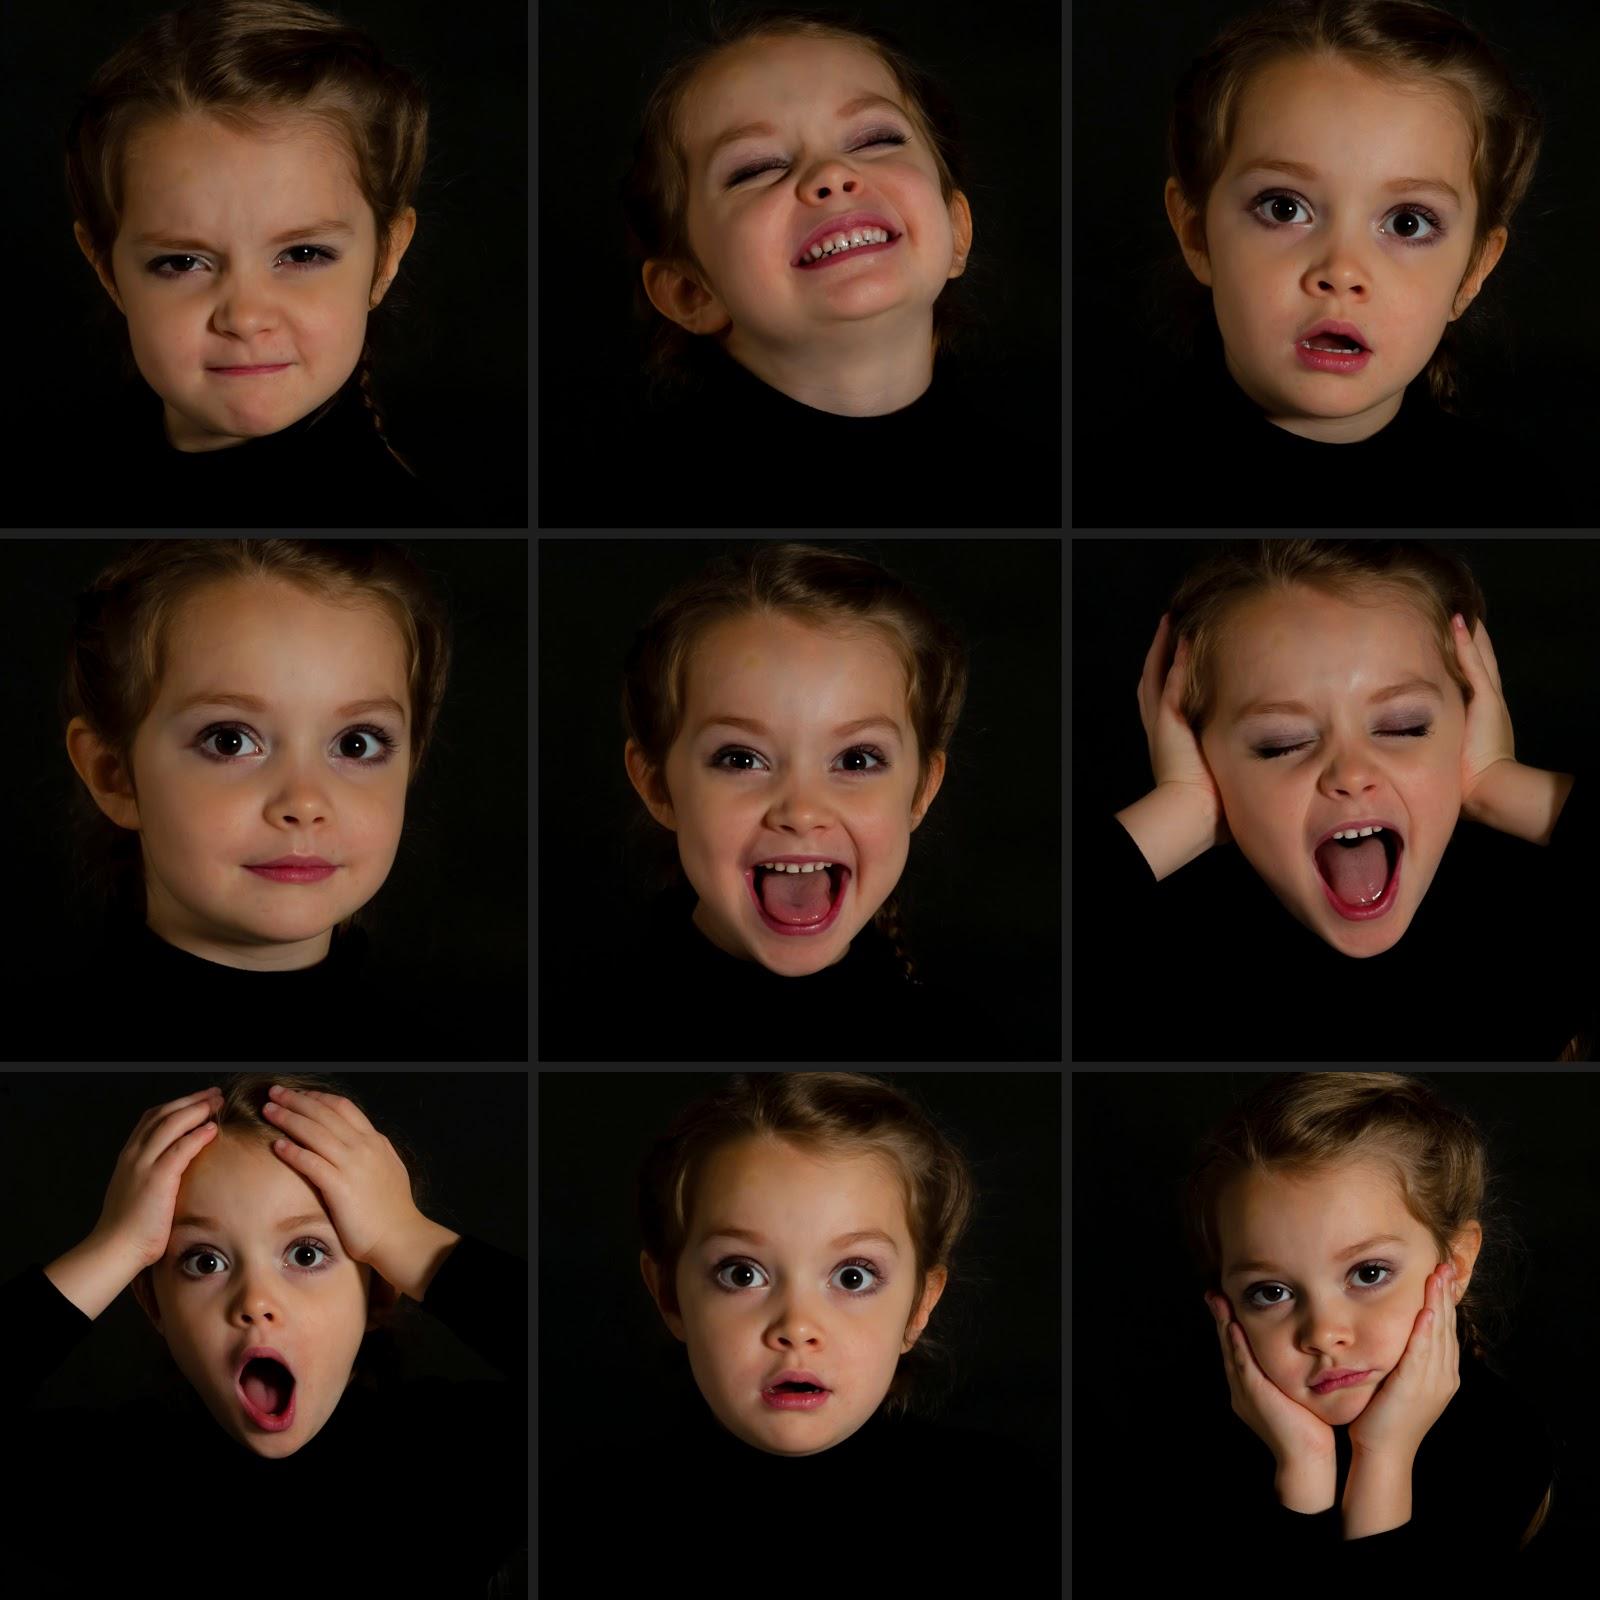 эмоциональные фото с описанием этом производительность